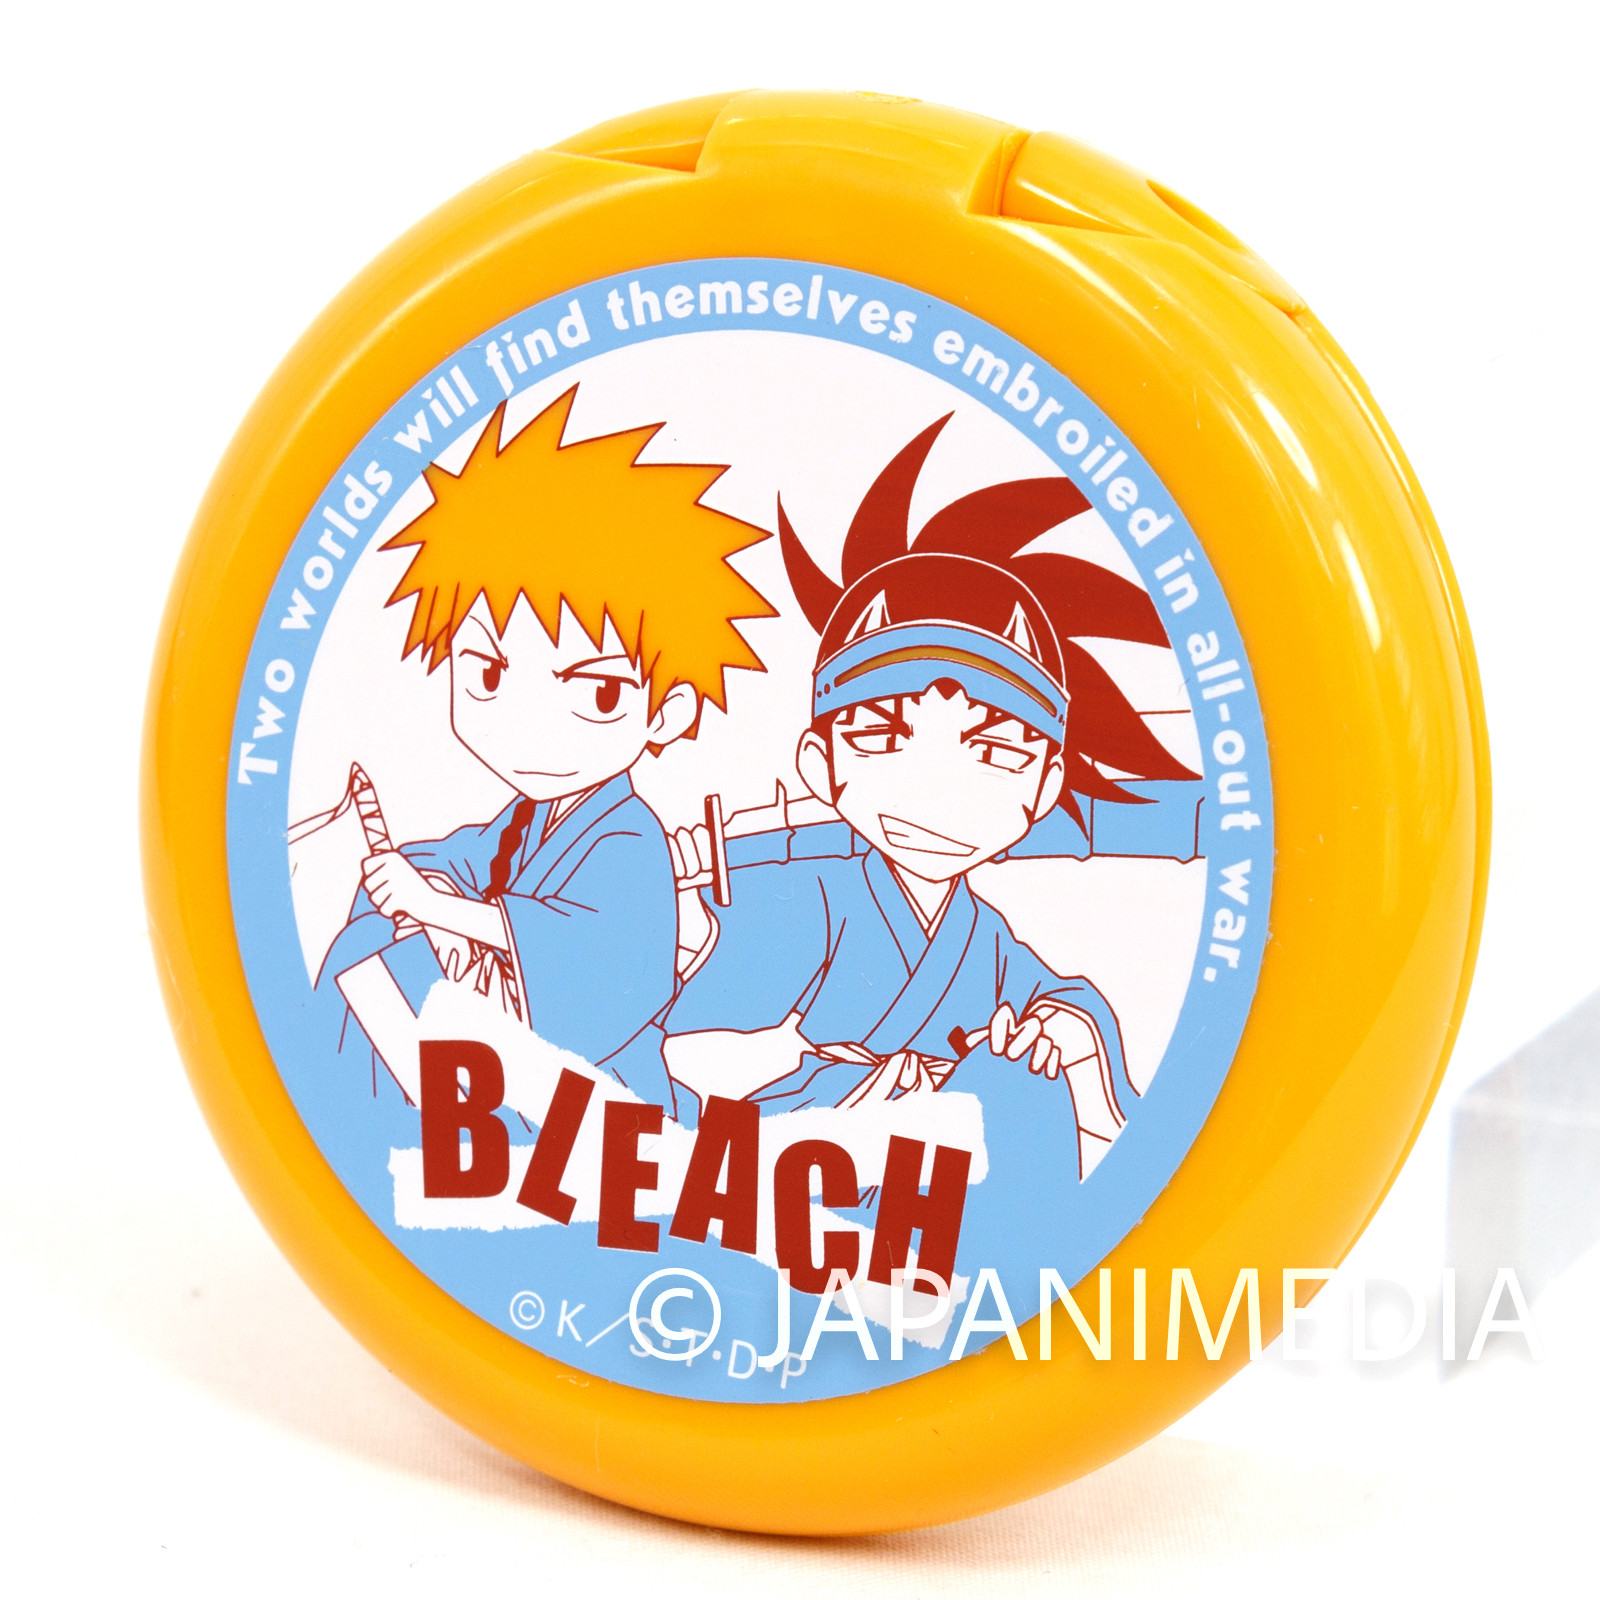 Bleach Ichigo Kurosaki & Renji Abarai Folding Mirror w/Blush SHONEN JUMP